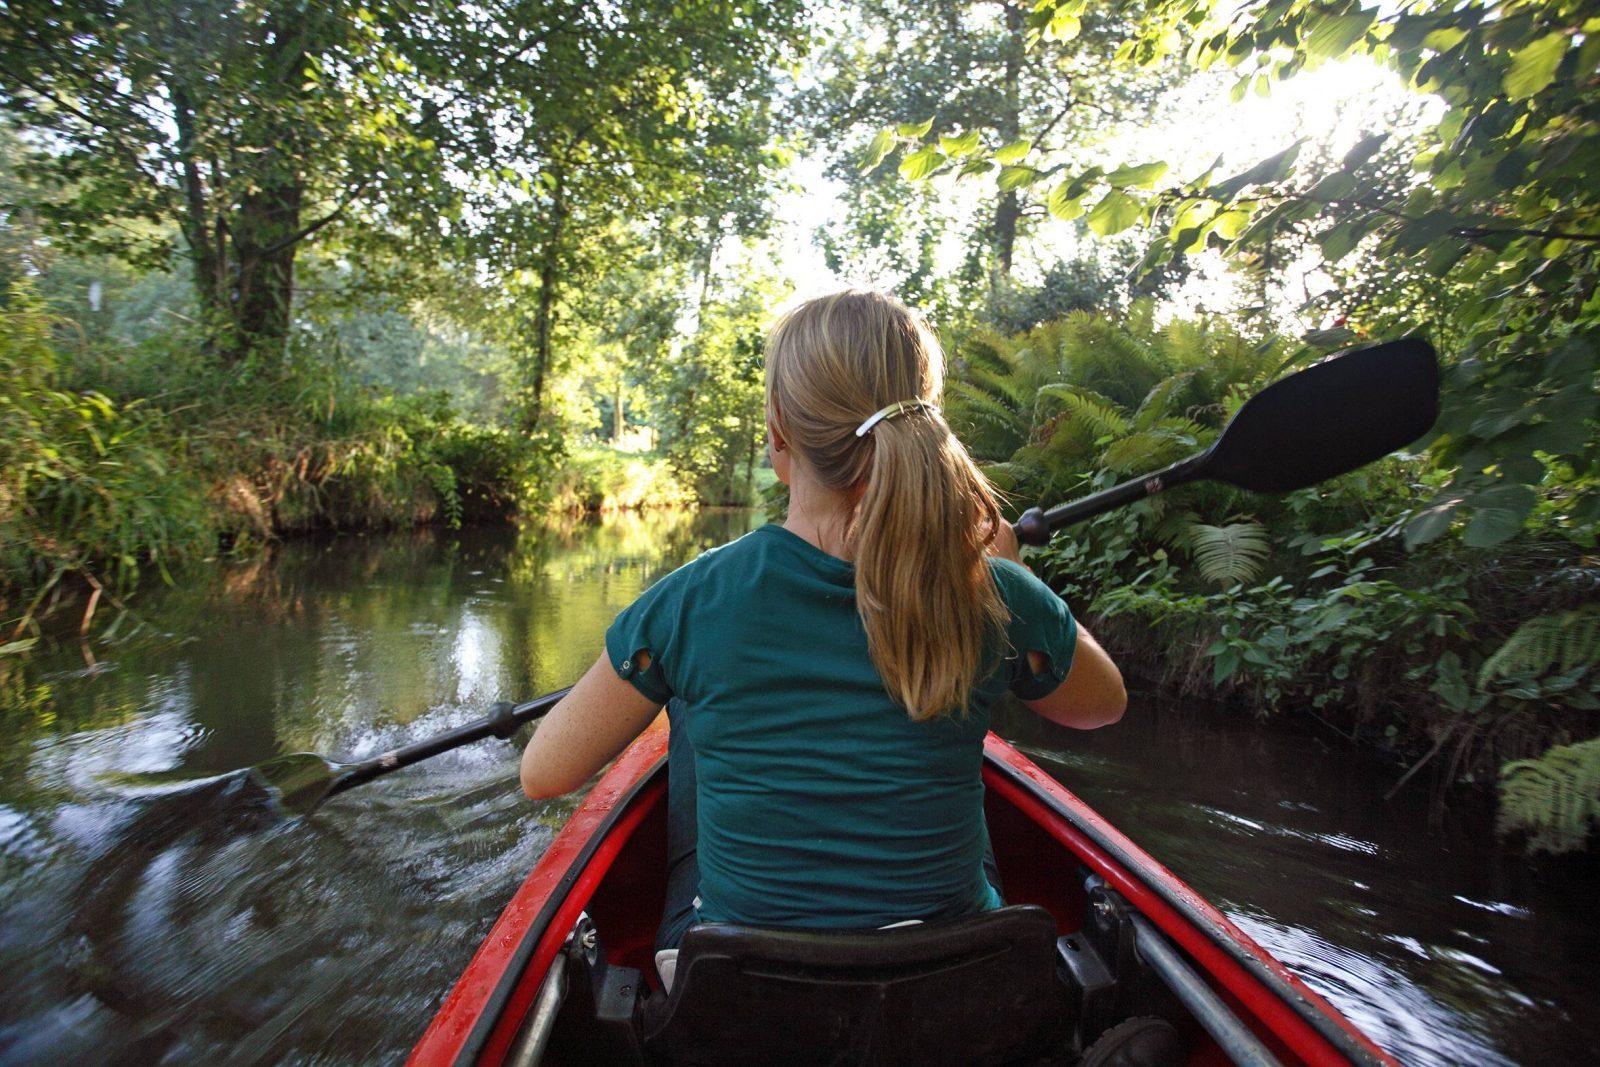 Ein Ausflug am Wochende in den Spreewald bringt Action und Entspannung. Foto: Imago Images/Sorge